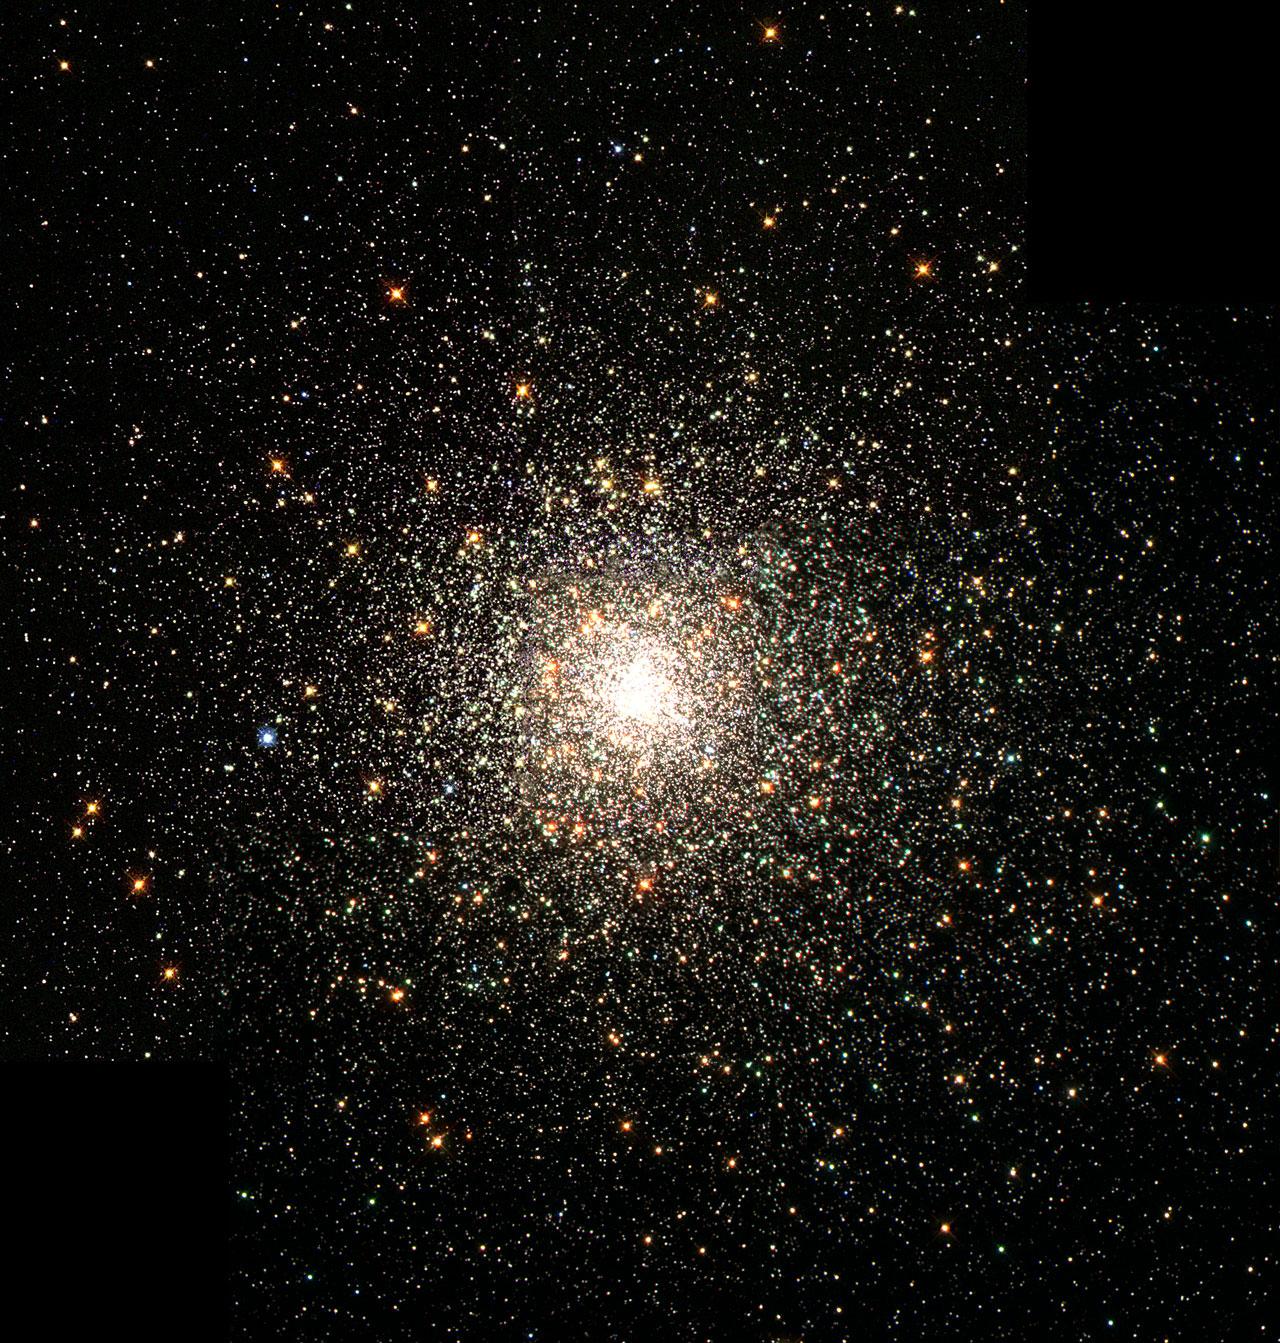 Stellar Swarm - NASA Images